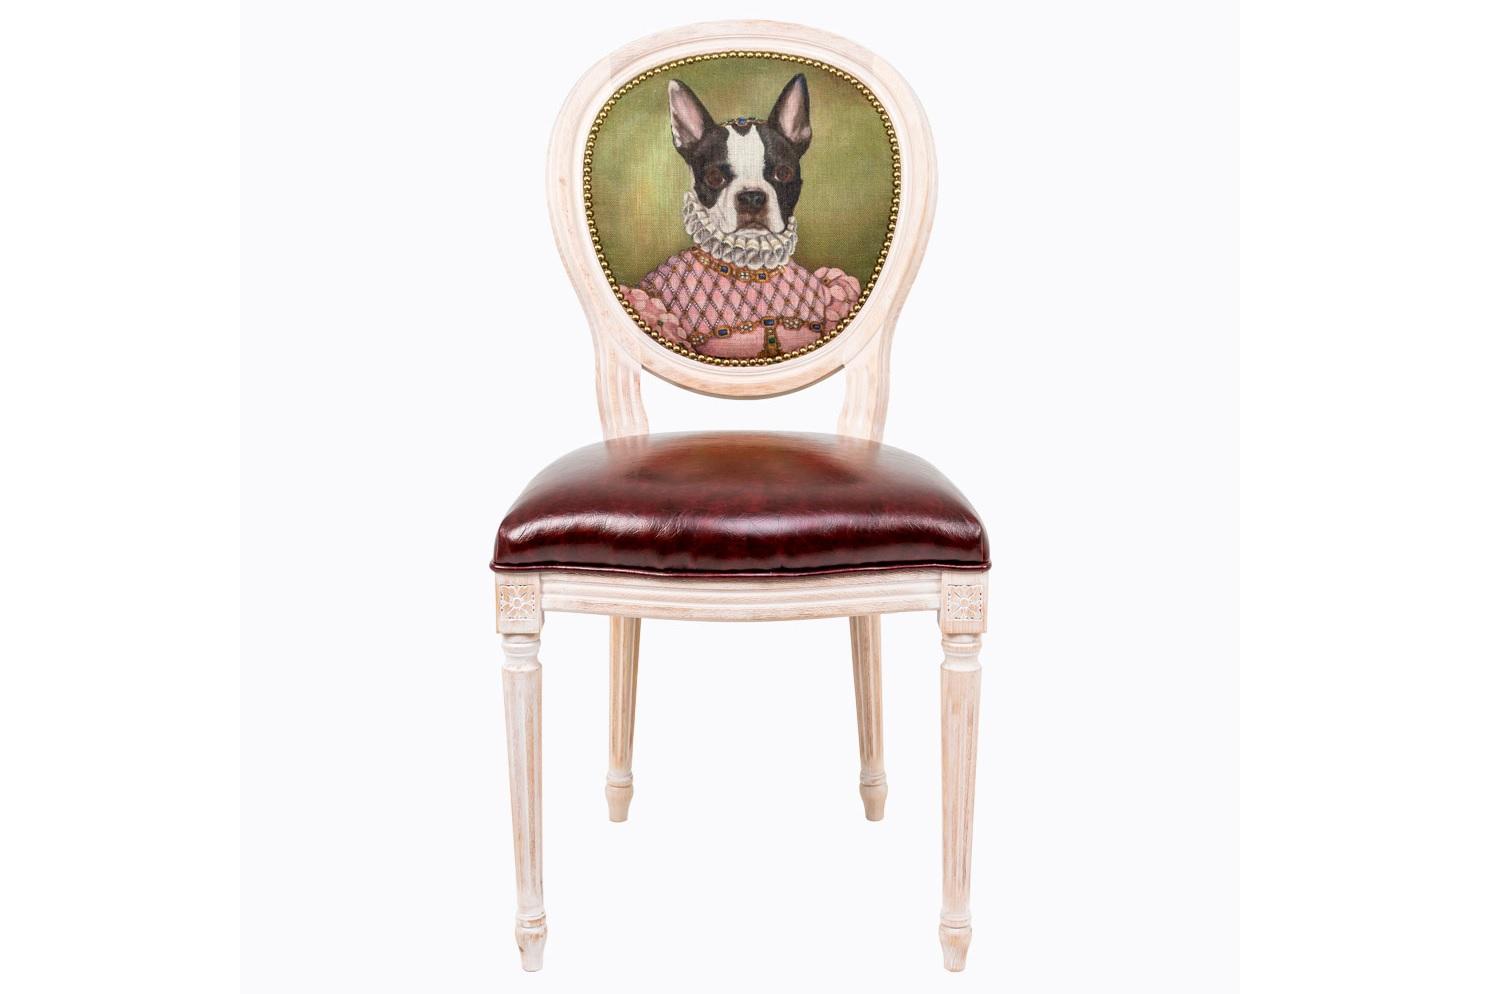 Стул Музейный экспонат, версия 15Обеденные стулья<br>Прототипом персонажа &amp;quot;Музейный экспонат&amp;quot; (версия 15) послужила картина Франсуа Клуэ, написавшего портрет  Елизаветы Австрийской, - французской королевы XVI века, родившейся в Вене и ставшей супругой короля Франции Карла IX. Она считалась одной из красивейших принцесс Европы.&amp;amp;nbsp;Стулья серии &amp;quot;Музейный экспонат&amp;quot; имитируют дворцовую эпоху Луи-Филиппа, предпочитающую благородные лаконичные формы, раскрашенные золотистыми анкерами и филигранной резьбой. Натуральное дерево и ручная работа одухотворяют предметы мебели, вносят эмоции тепла и персональной заботы. Стулья изготовлены из ядра натурального бука. Корпусы стульев серии &amp;quot;Музейный экспонат&amp;quot; выточены, брашированы и патинированы в Италии. Благородная фактура натурального дерева подчеркнута рукописной патиной. Обивка спинки оснащена тефлоновым покрытием против пятен.&amp;lt;div&amp;gt;&amp;lt;br&amp;gt;&amp;lt;/div&amp;gt;&amp;lt;div&amp;gt;Материал сидения - экокожа.&amp;lt;/div&amp;gt;<br><br>Material: Дерево<br>Width см: 50<br>Depth см: 47<br>Height см: 98